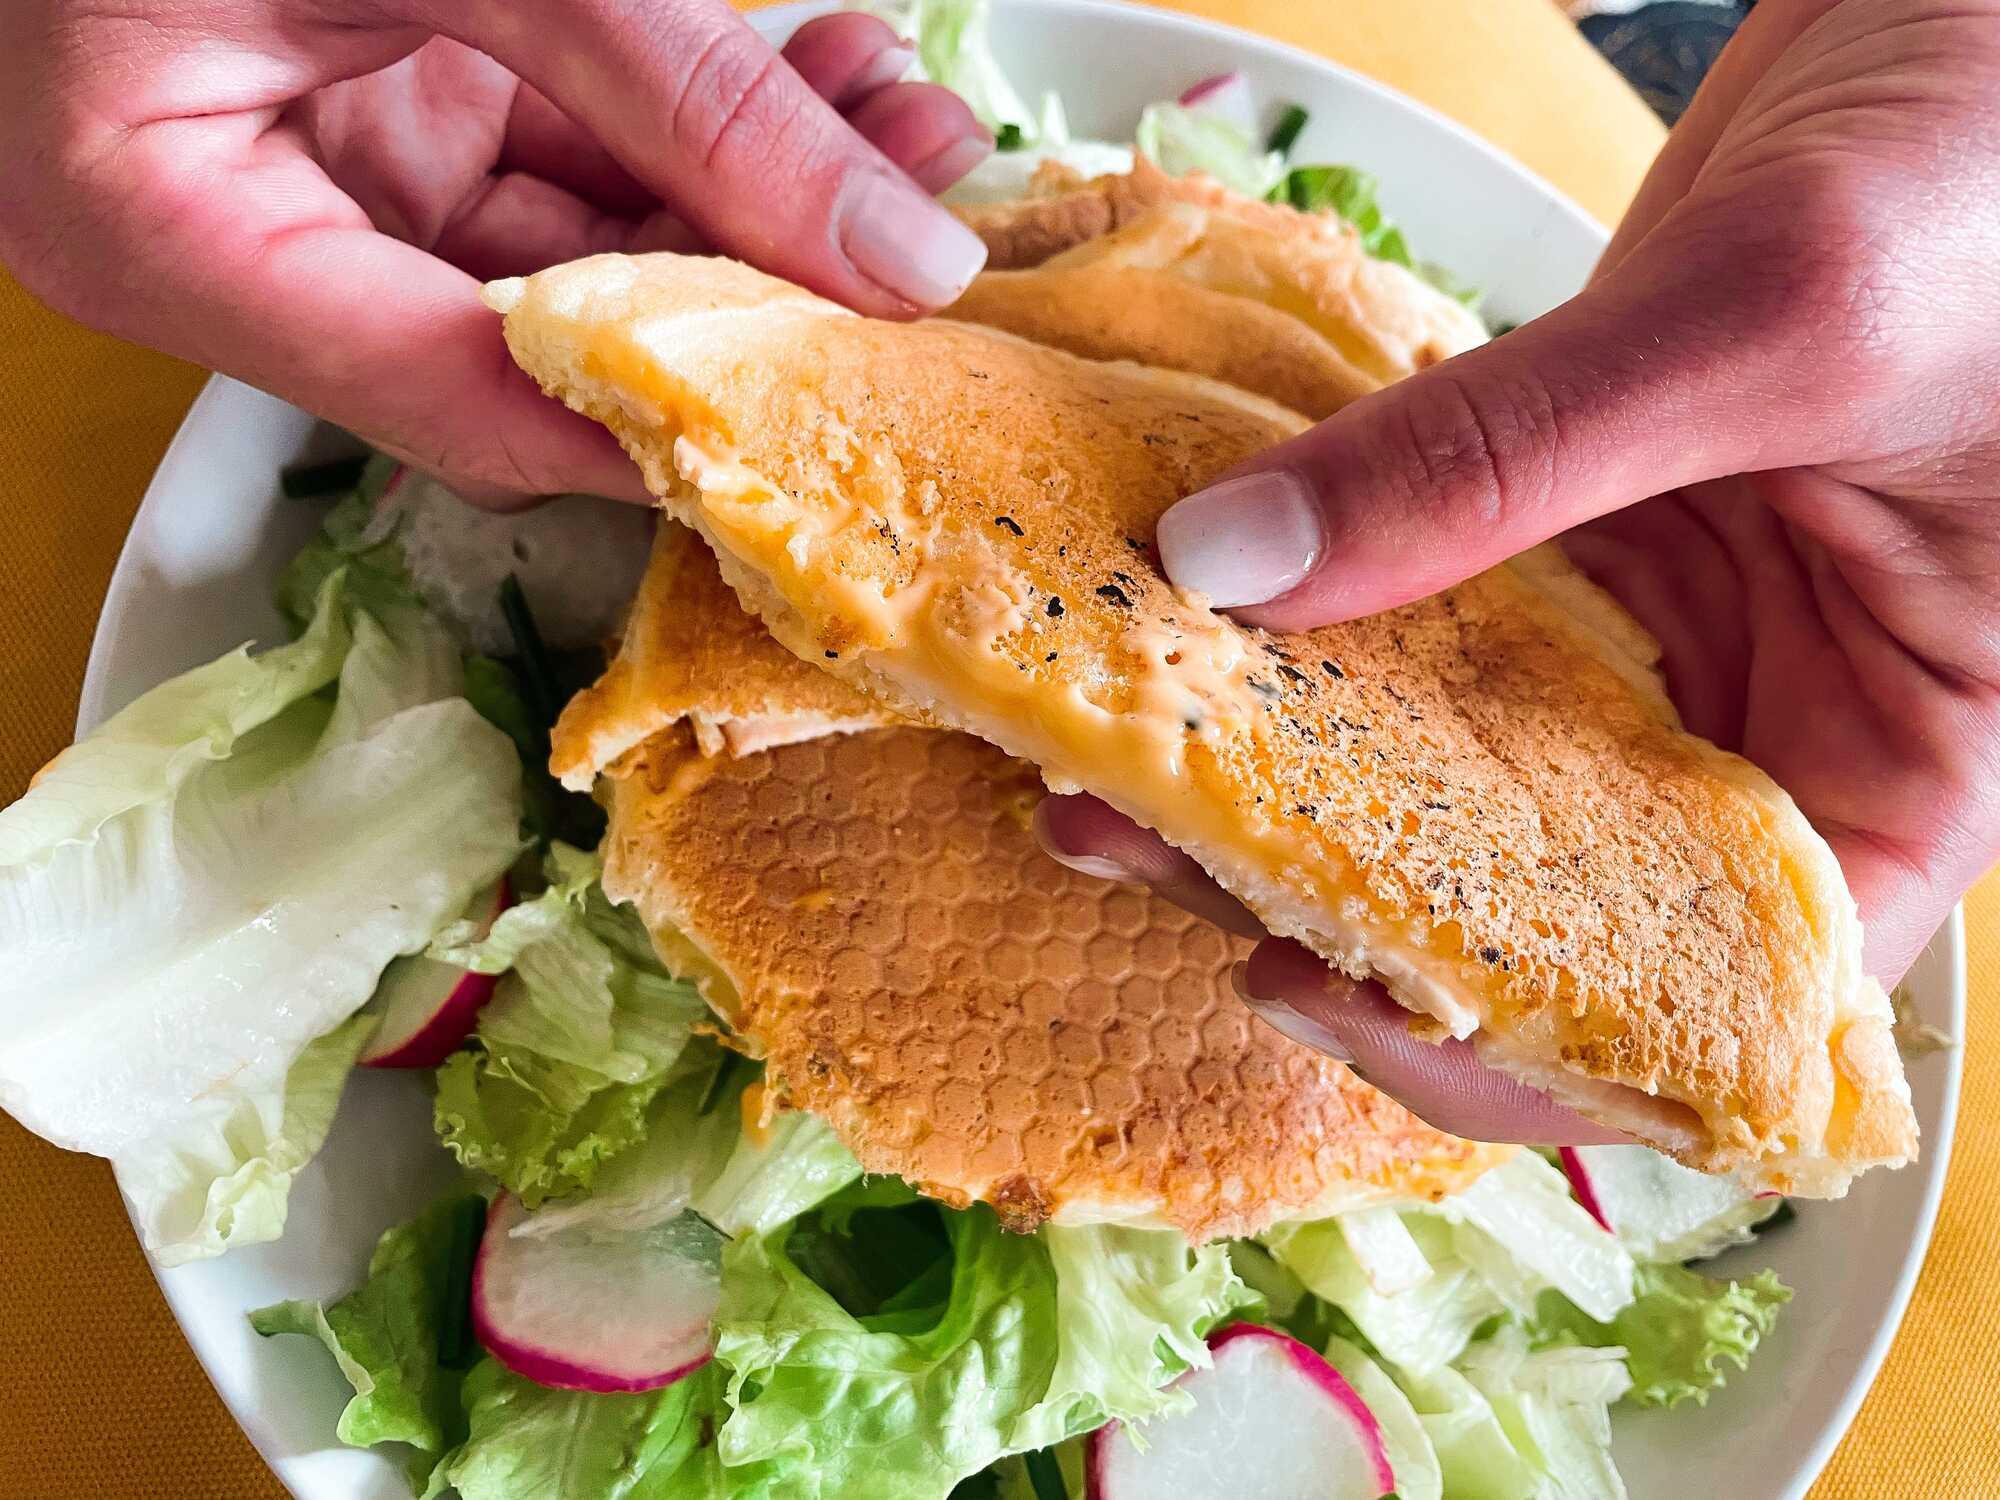 Les pancakes sont fourrés au cheddar et au blanc de poulet et ils sont accompagnés d'une salade verte.